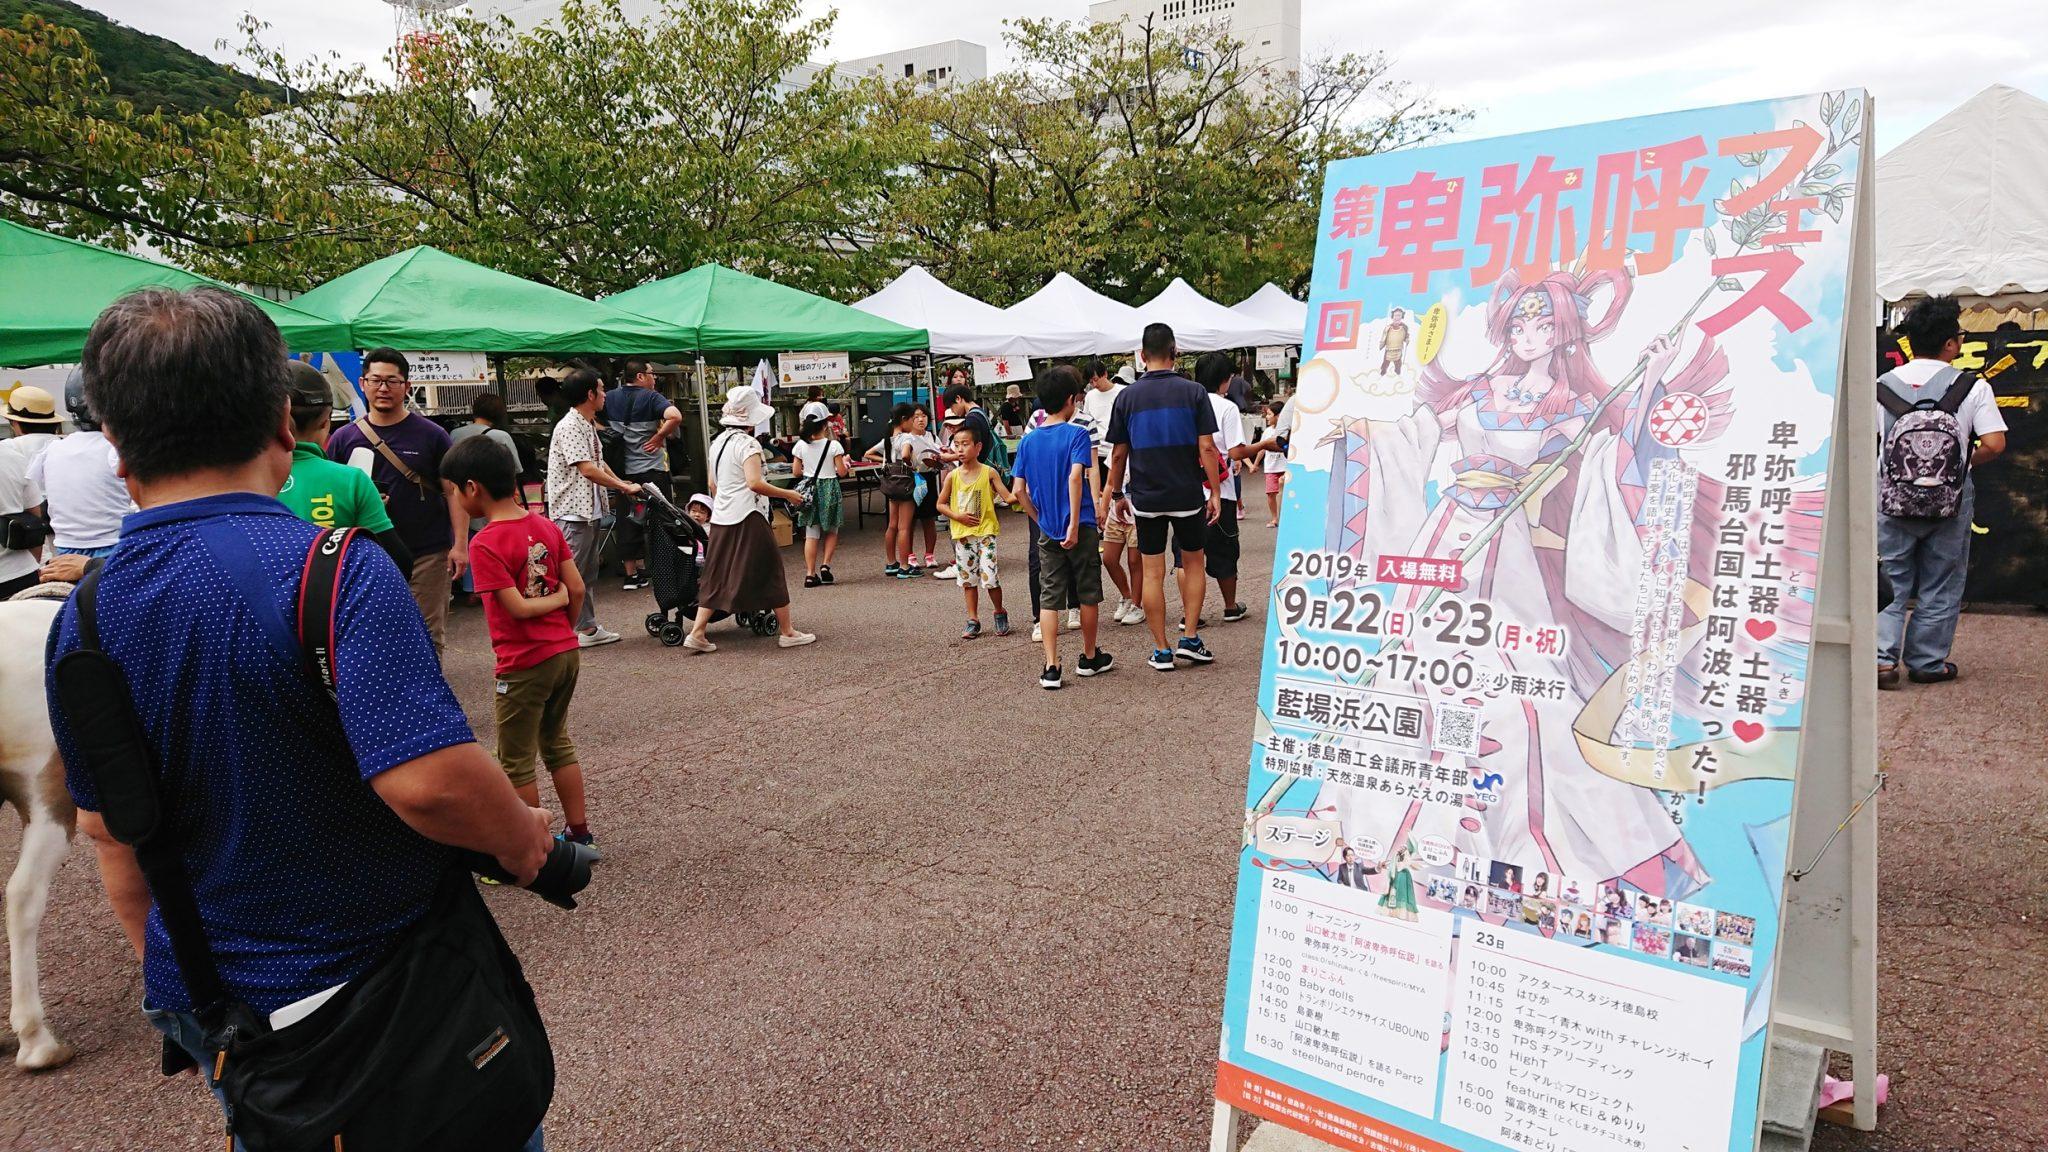 【イベントレポート/徳島市】謎にみちた『第1回卑弥呼フェス』に行ってみた。